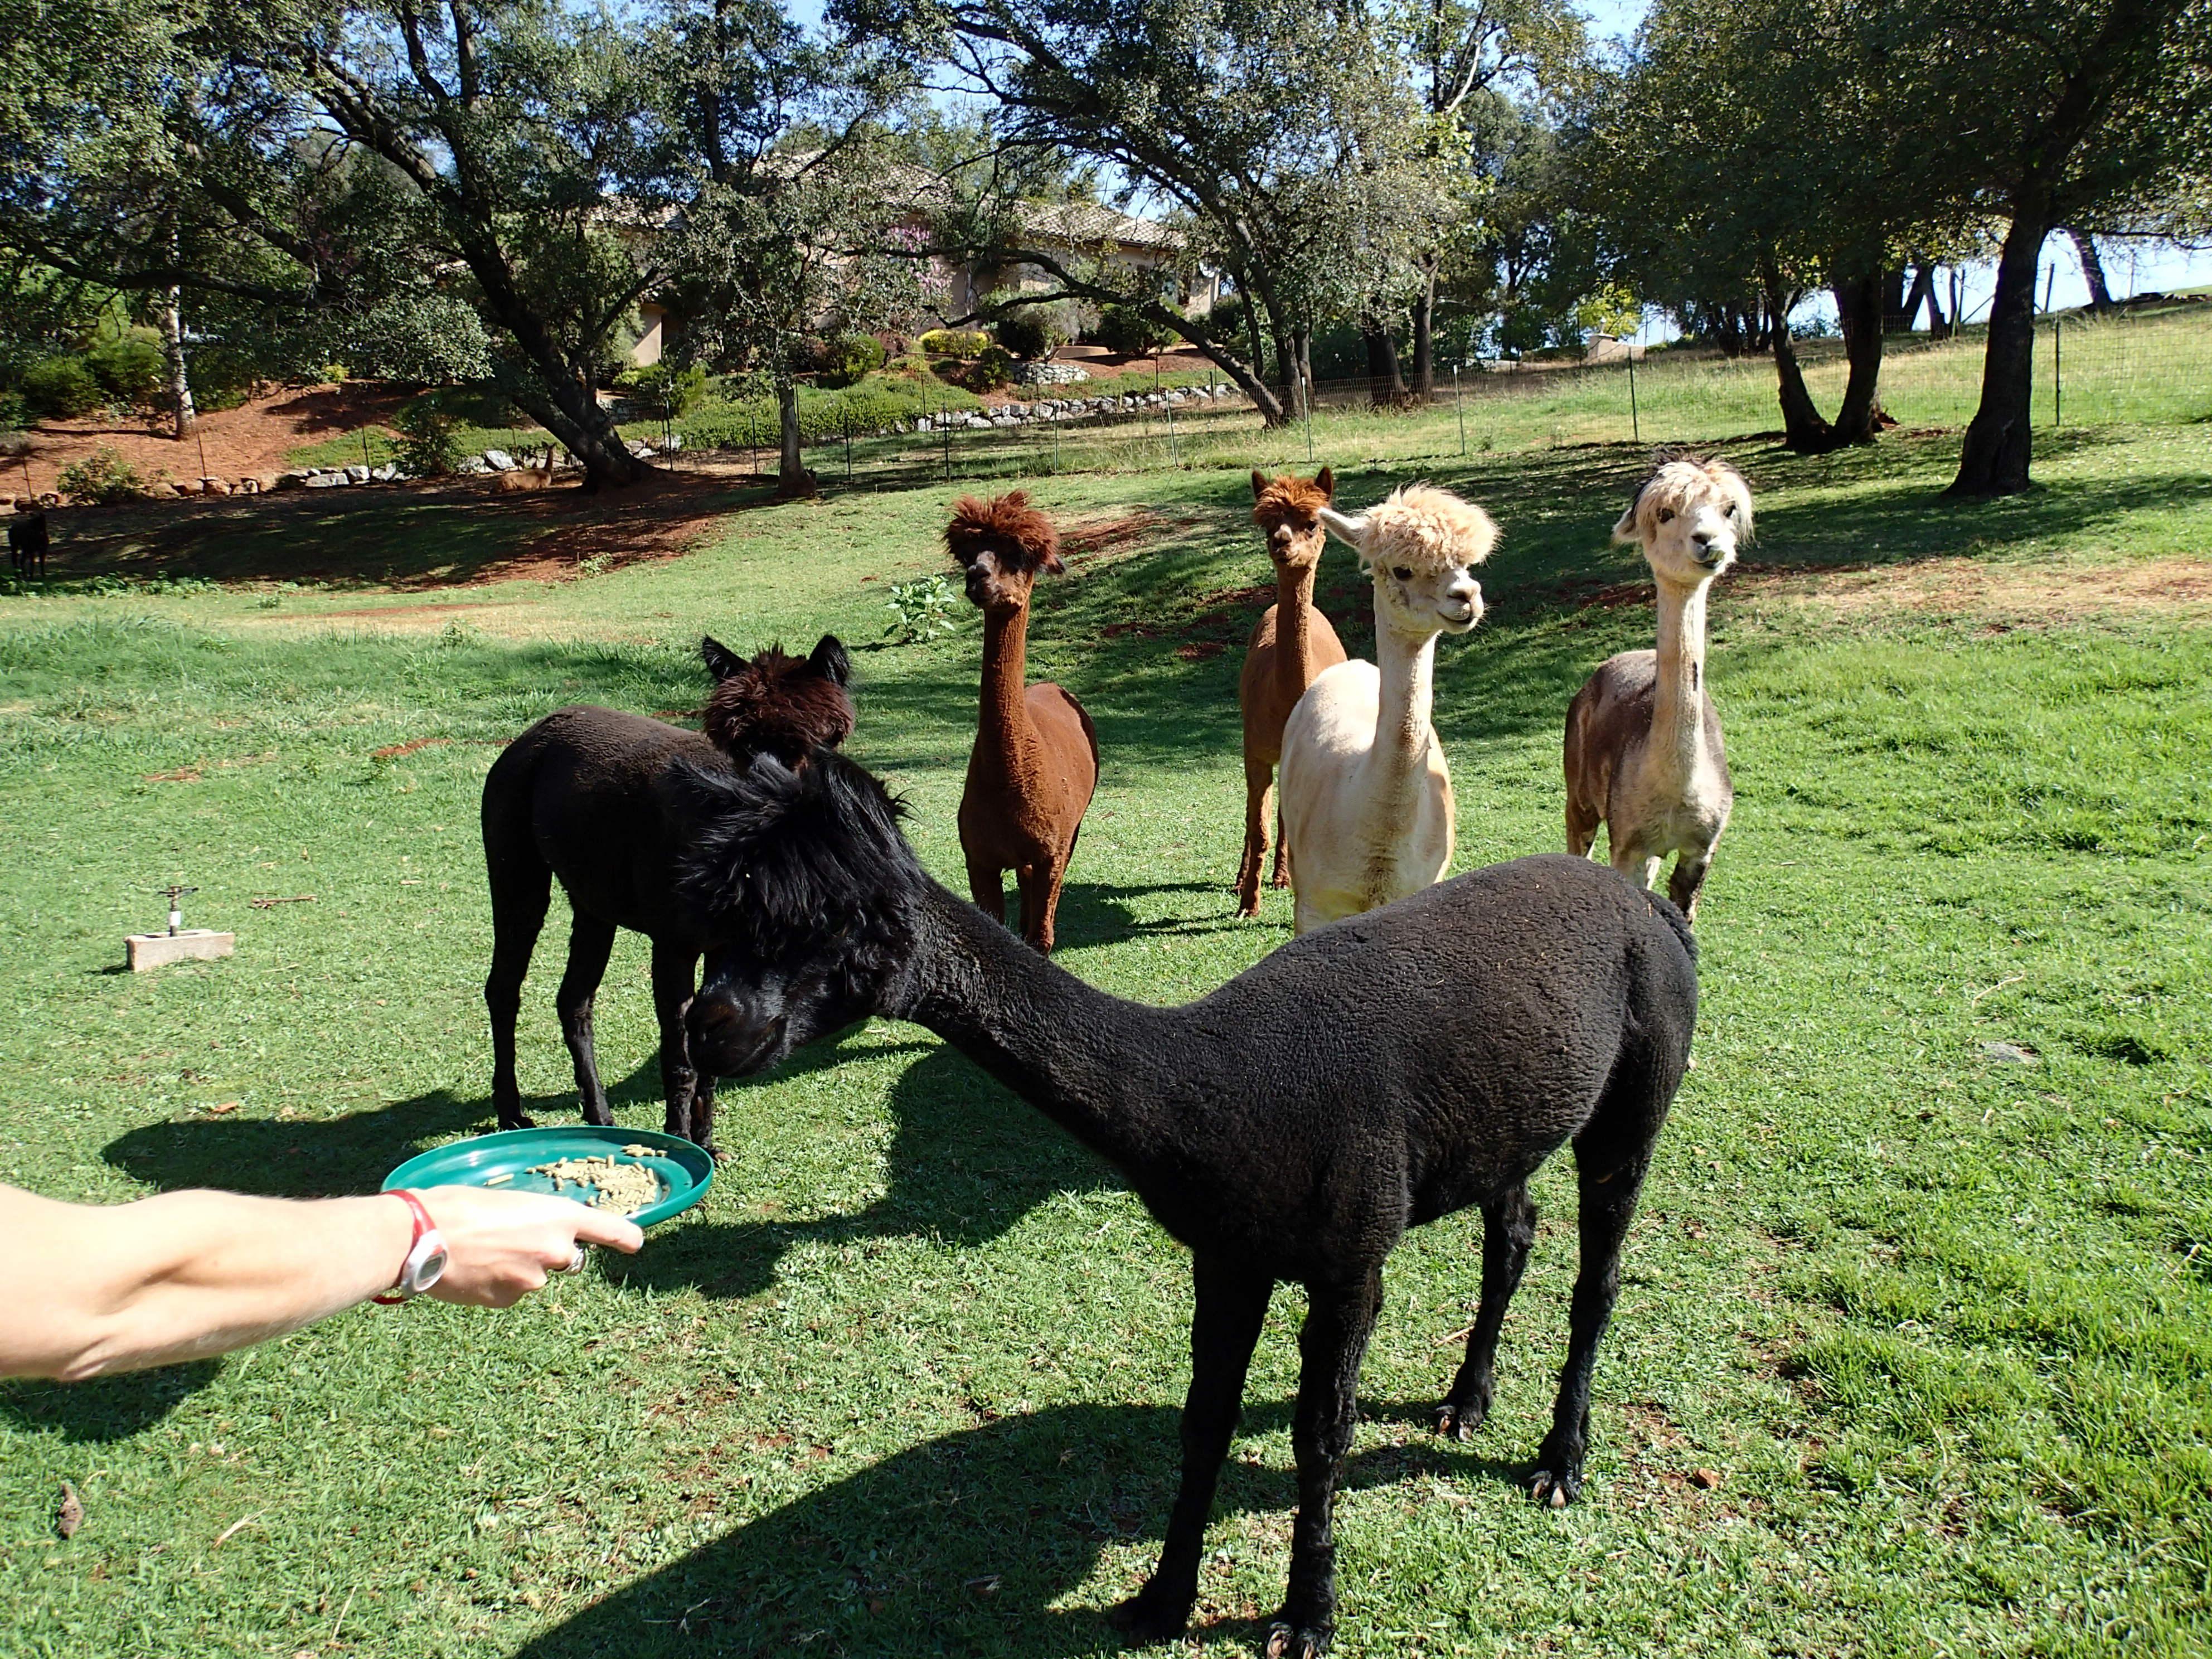 alpacas standing